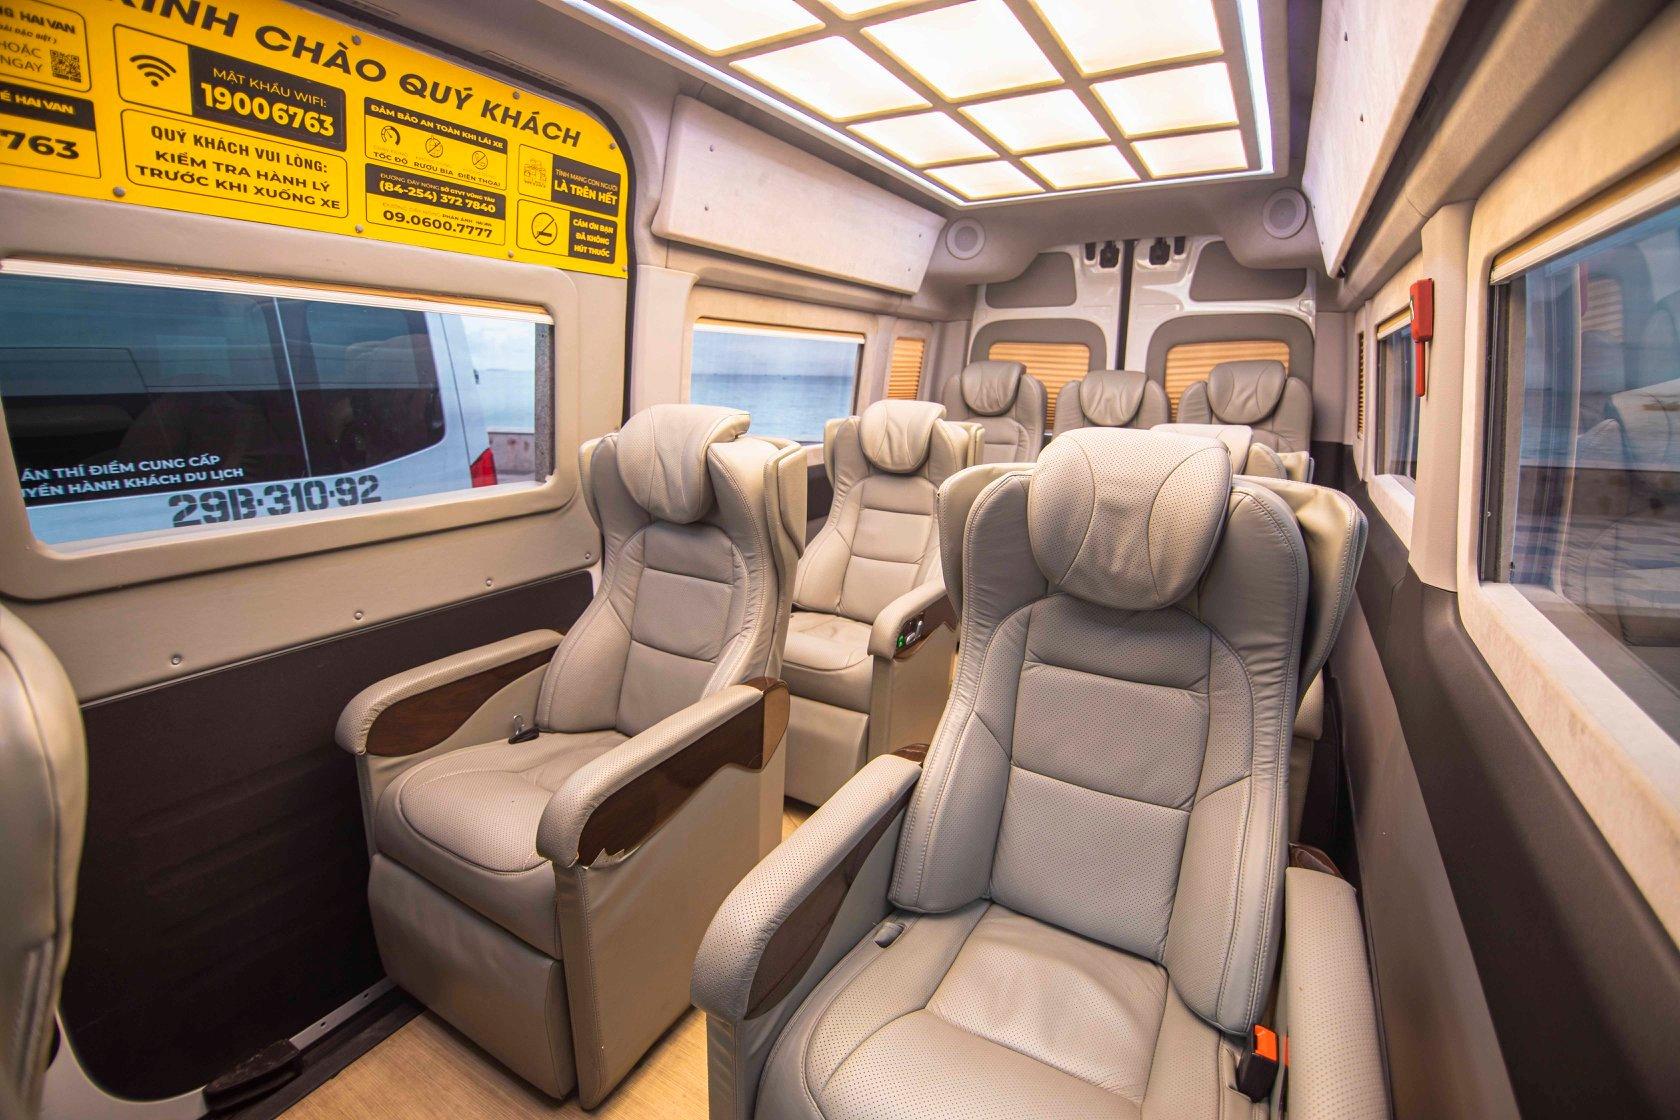 Một điểm khác biệt hoàn toàn so với các dòng xe từng xuất hiện trên thị trường chính là những chiếc ghế của dòng xe Hải Vân Royal, được lấy cảm hứng từ ghế bố tại bãi biển.